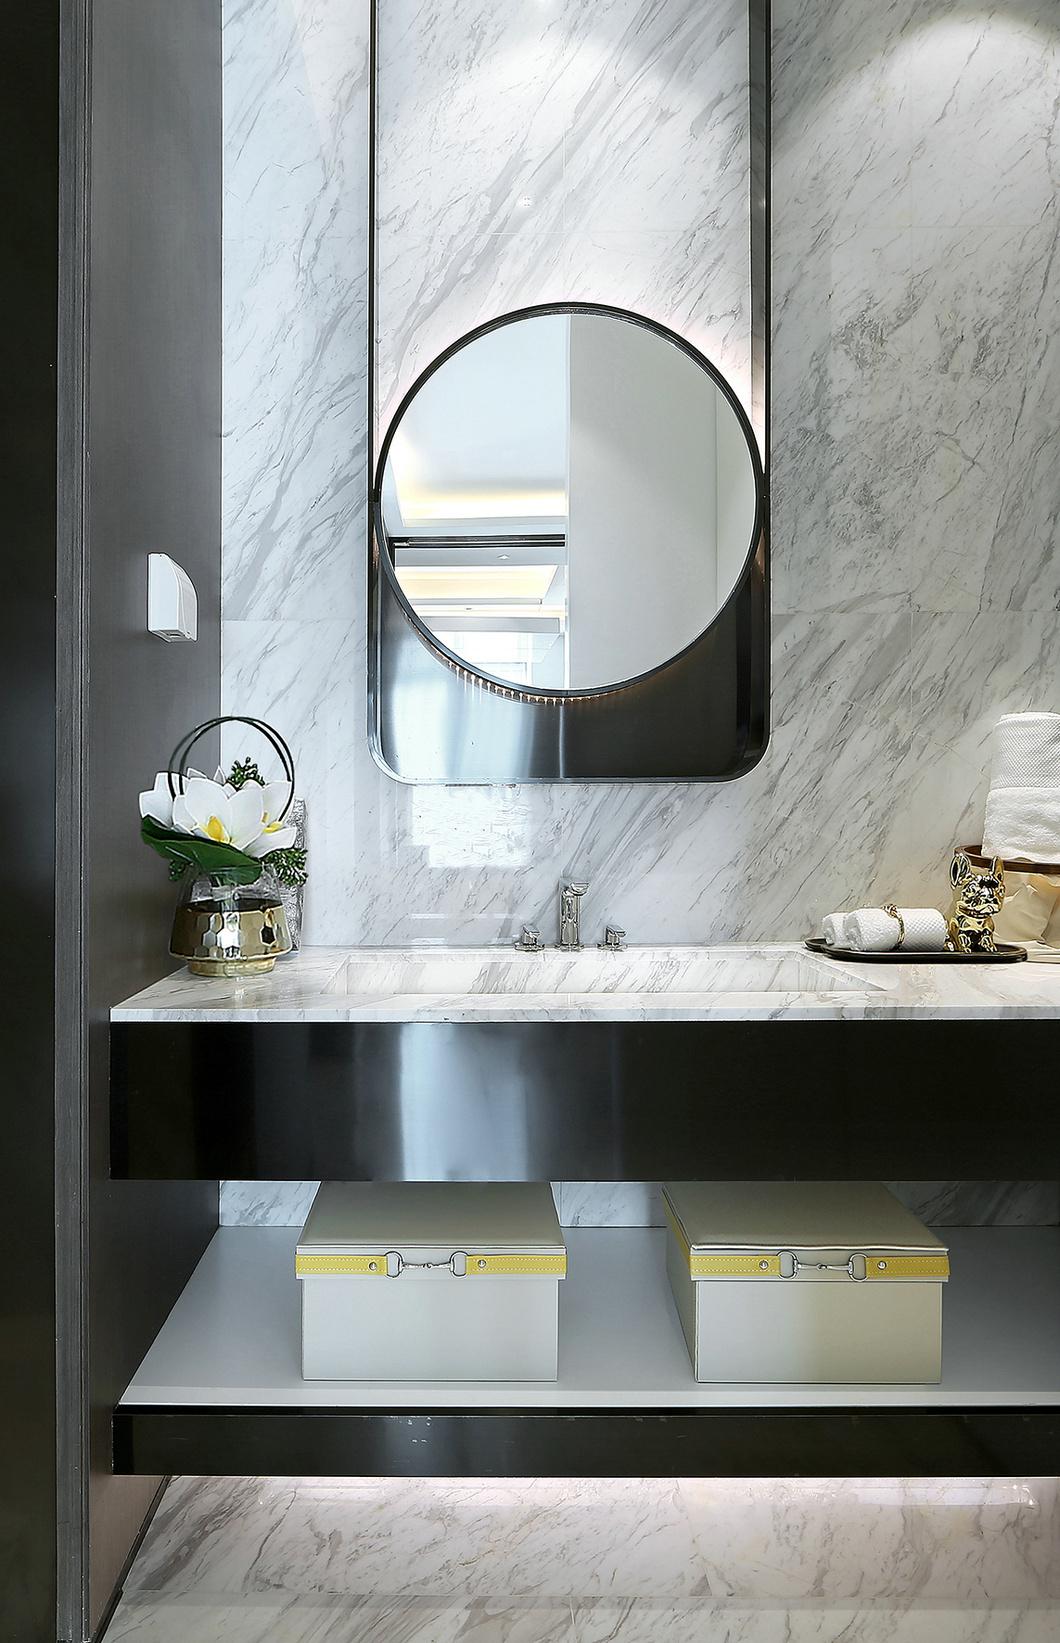 小空间也能创造大幸福适合三口之家的设计——江凡空间设计